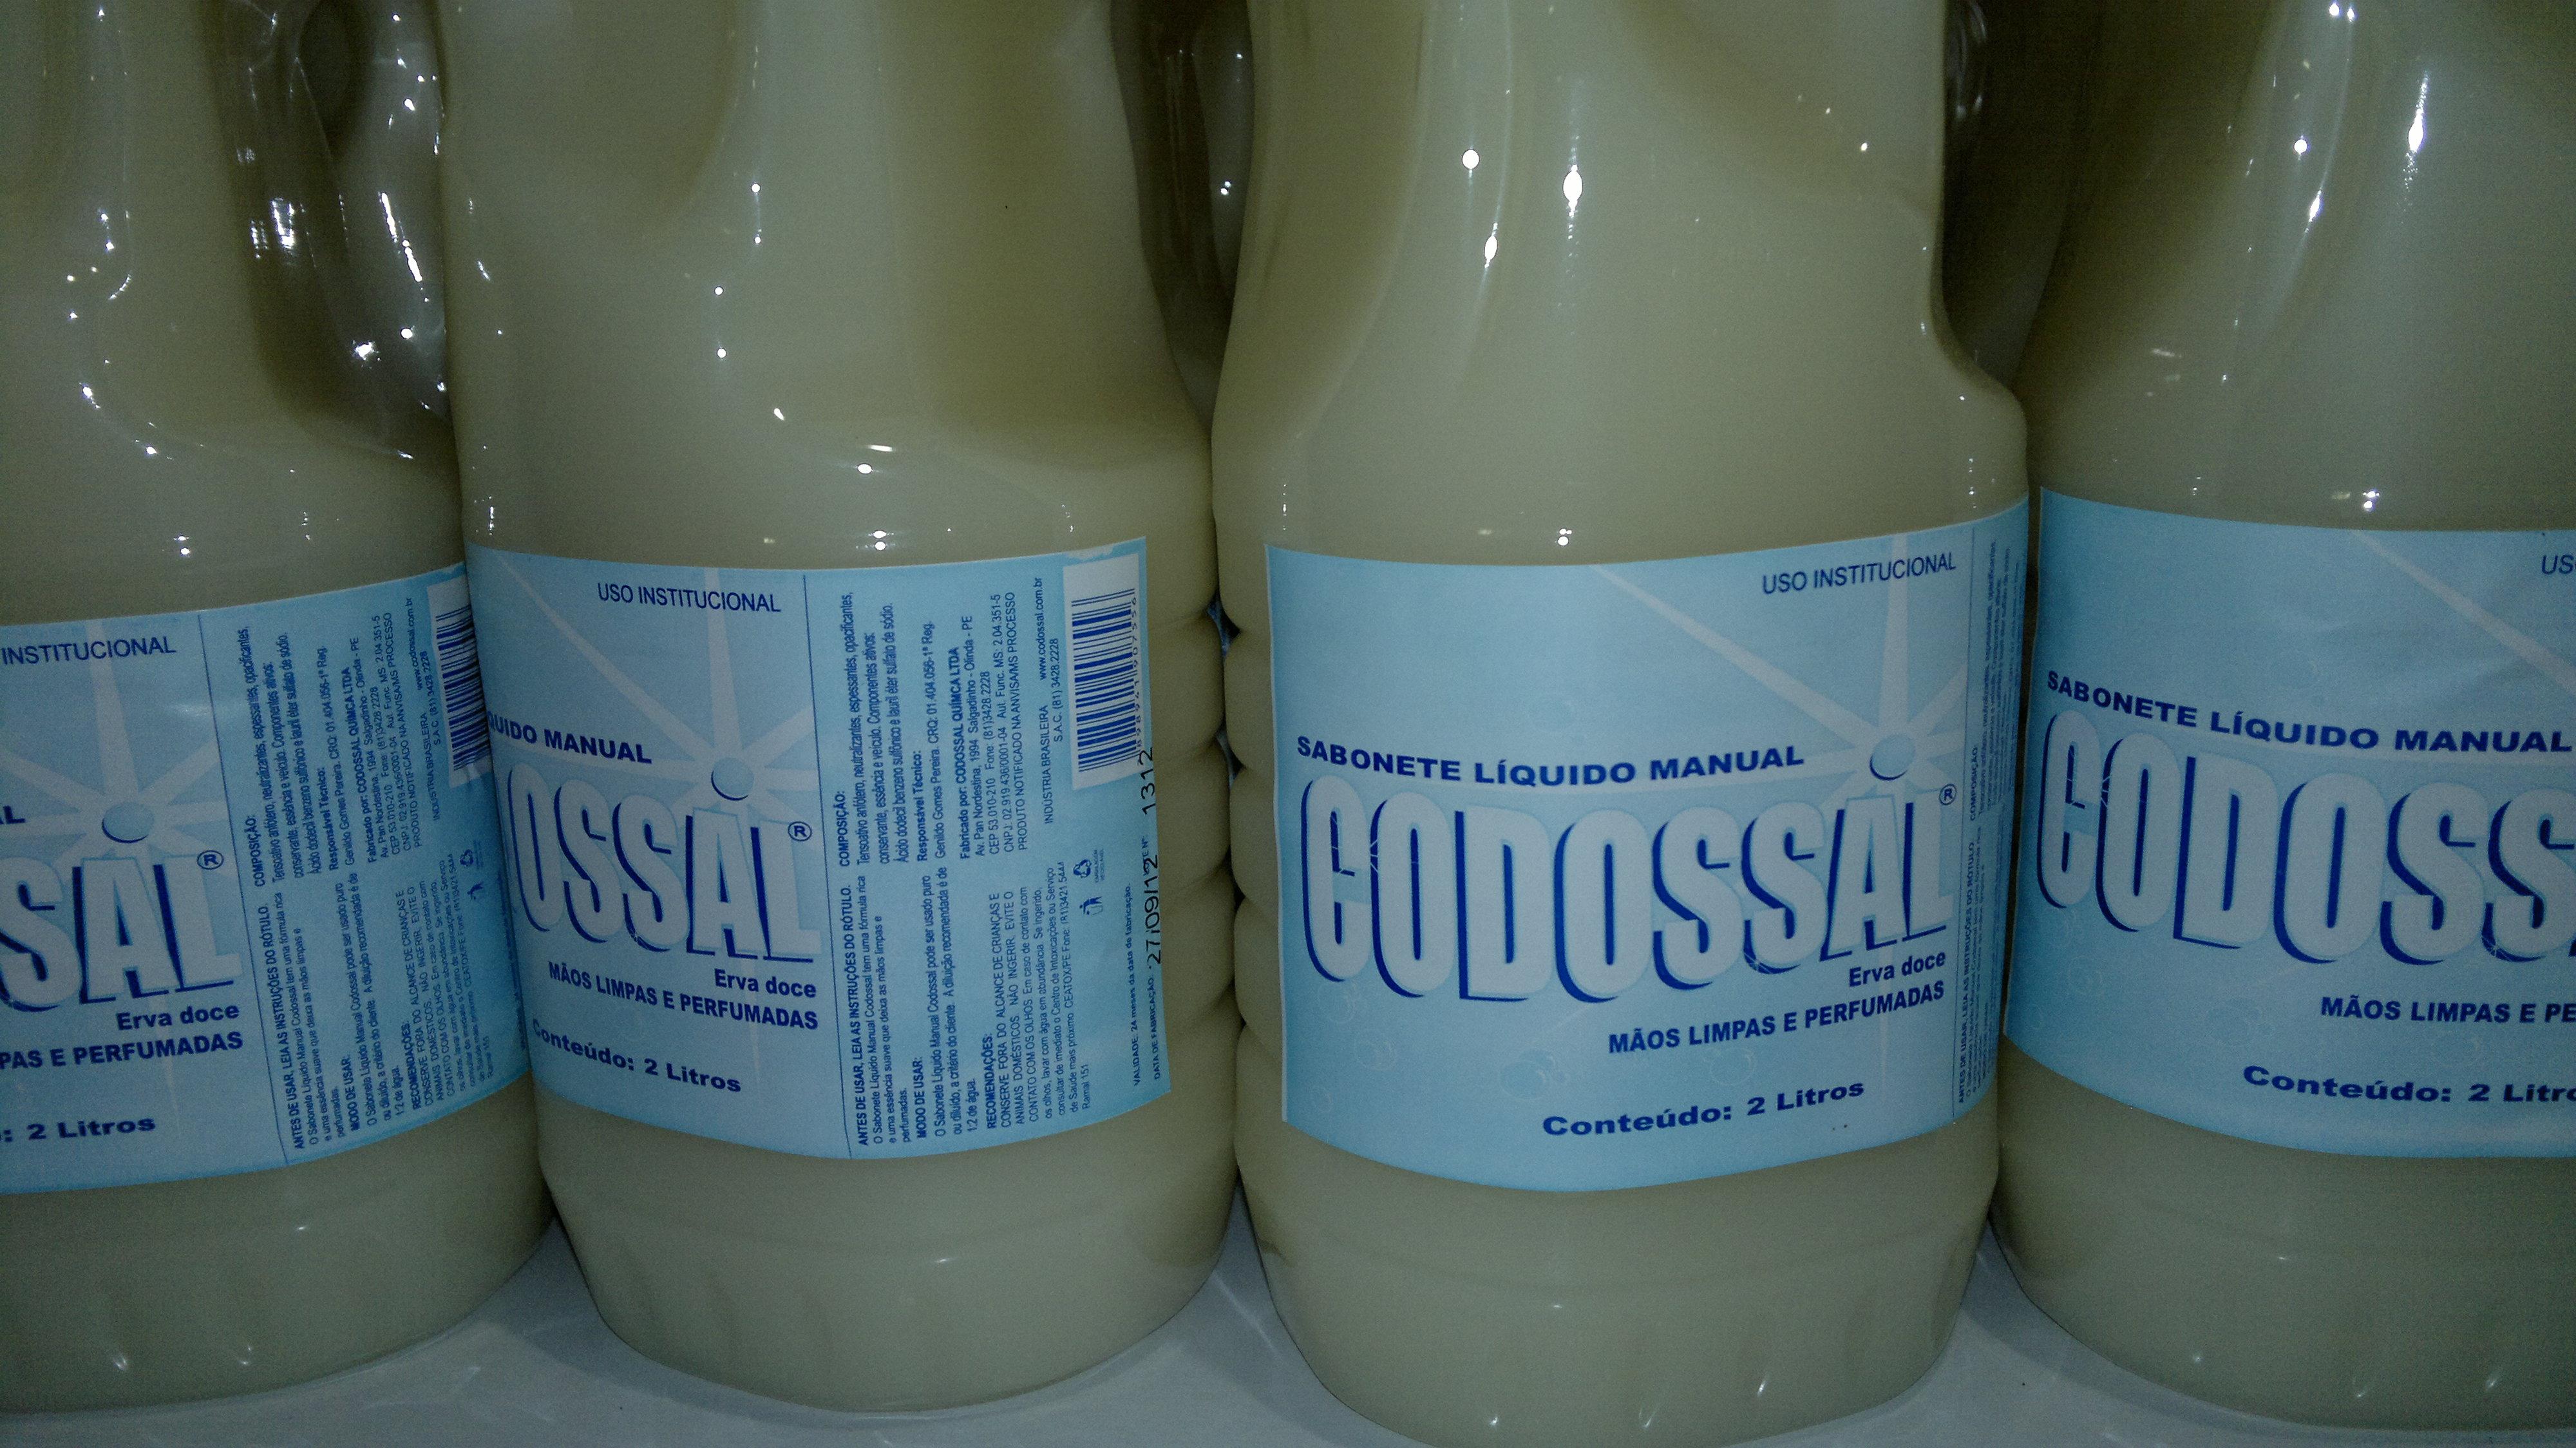 sabonete liquido codossal-foto acigol-81 34451782-06012013915